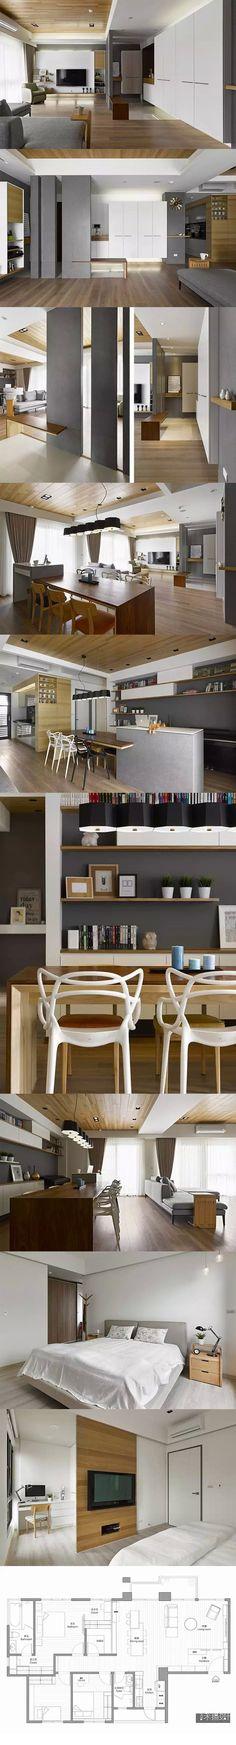 minimal, modern, clean, simple